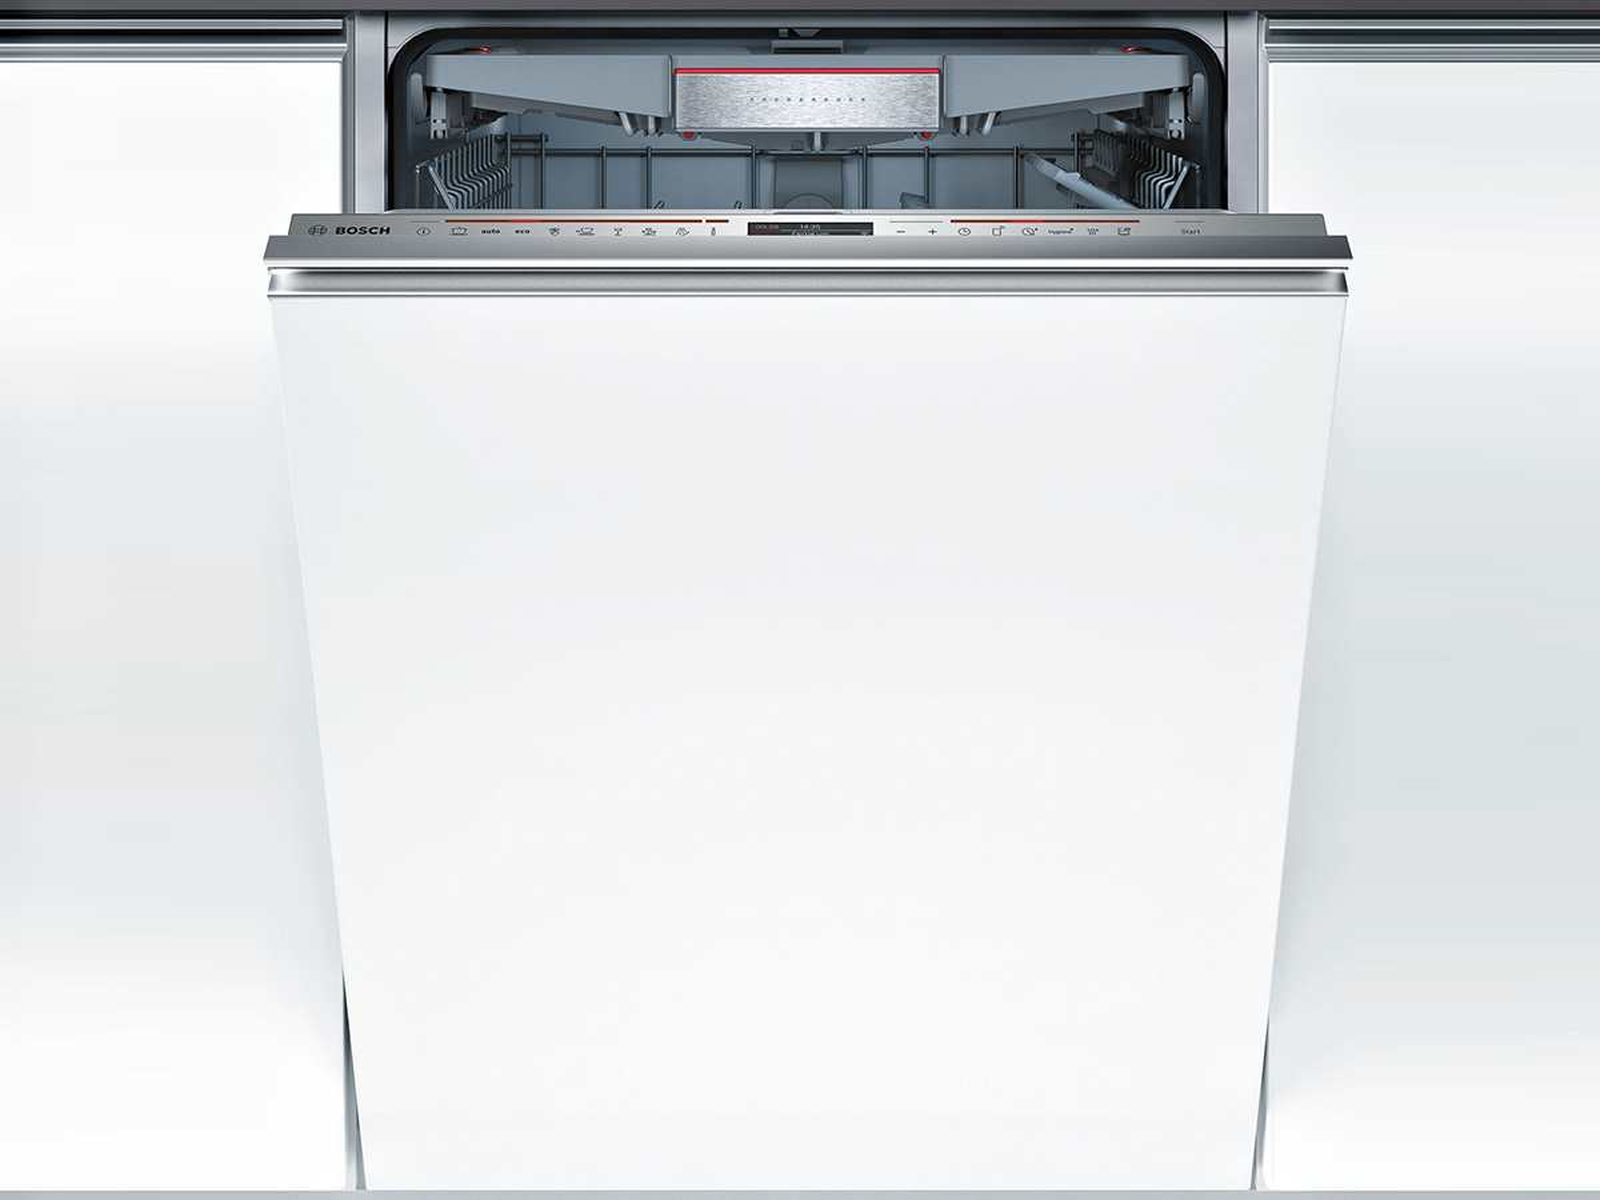 Kühlschrank Xxl Bosch : Bosch sbe tx e vollintegrierbarer einbaugeschirrspüler xxl